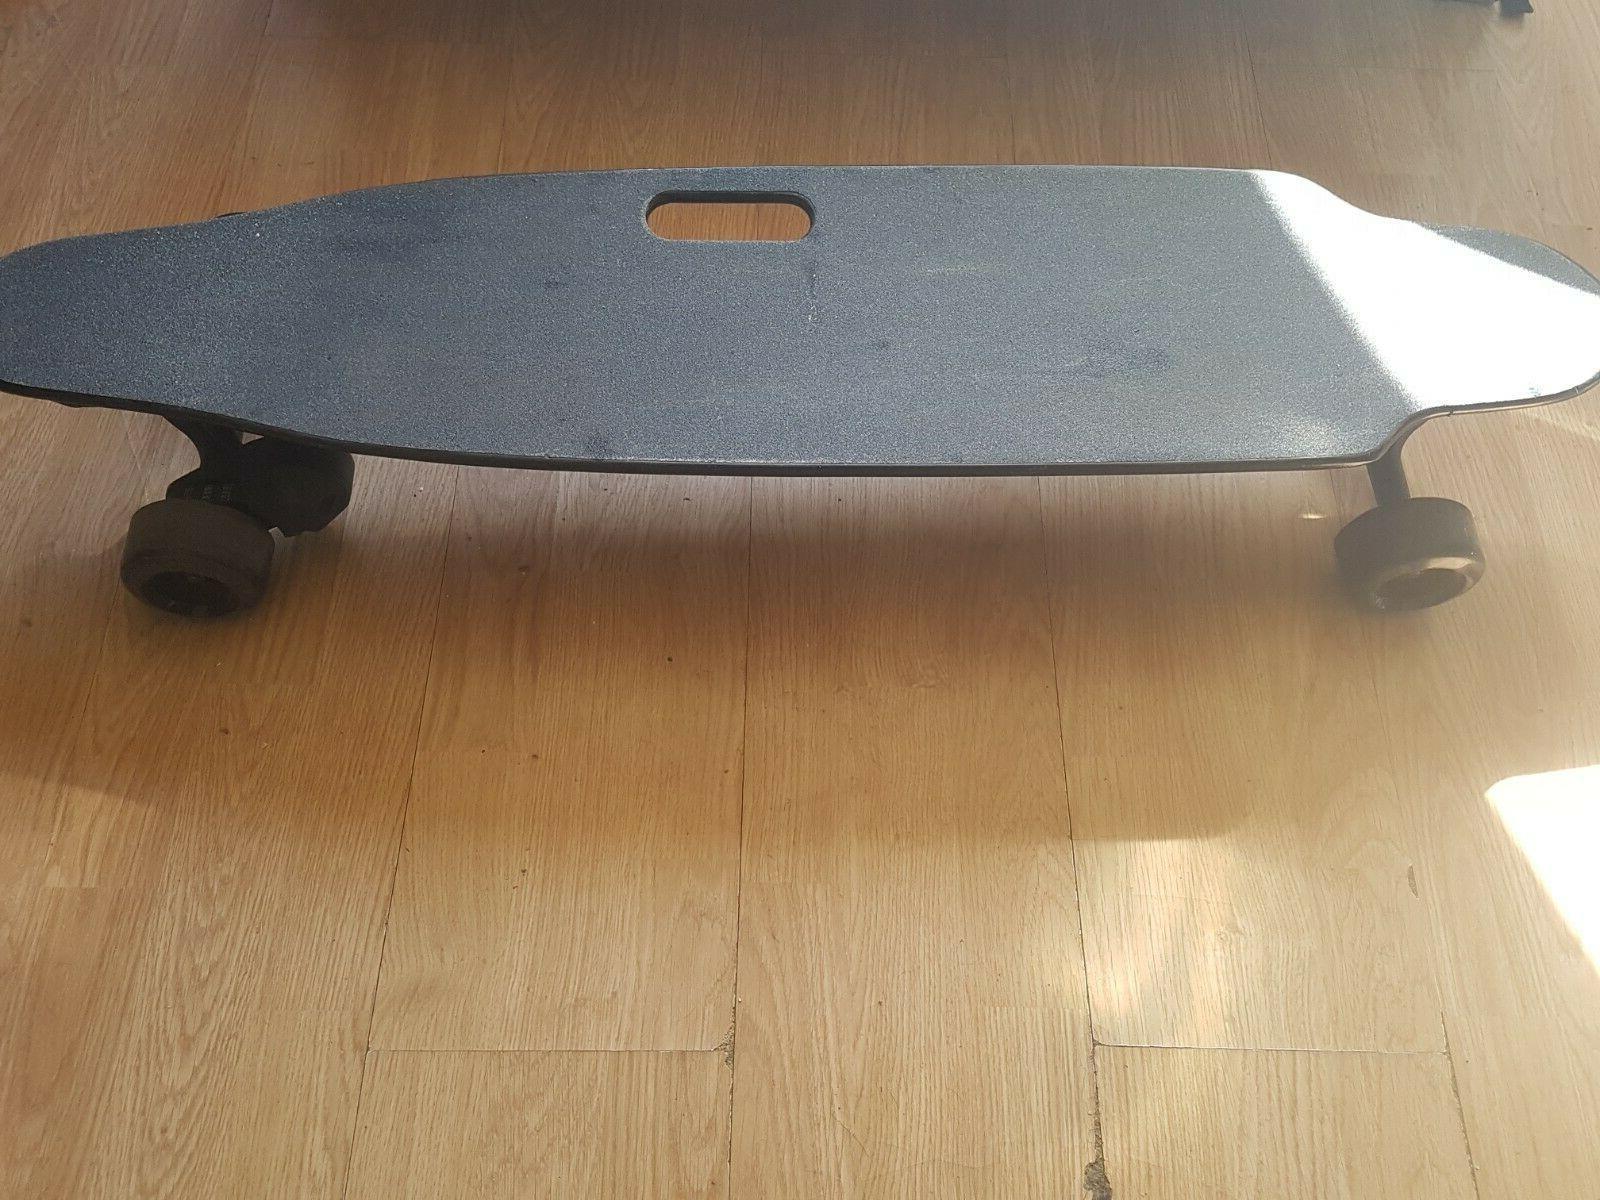 electric skateboard liftboard range 30km speed 25km